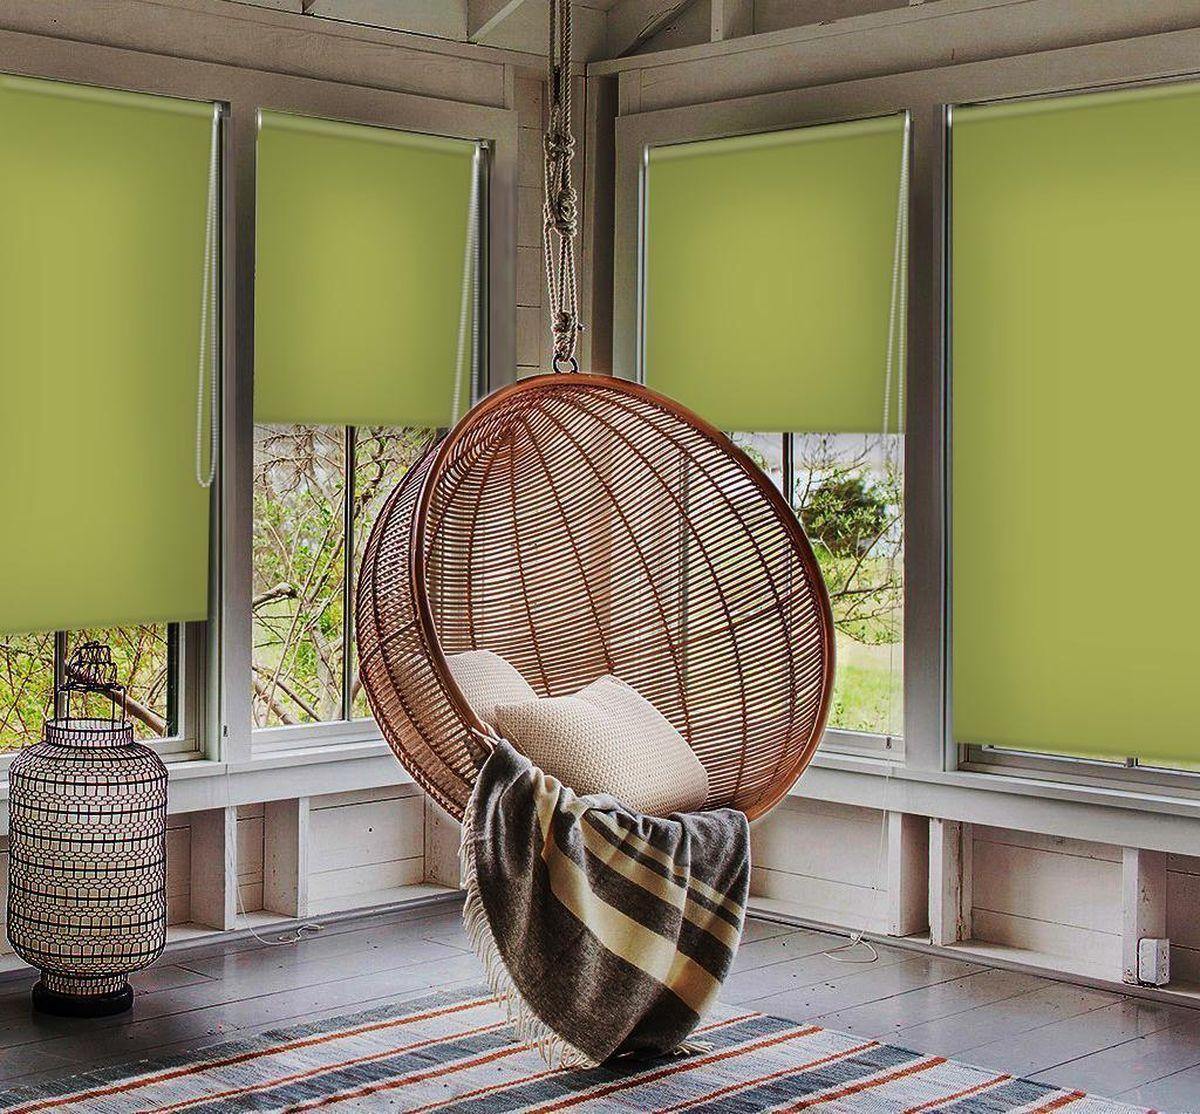 Штора рулонная Эскар Миниролло. Blackout, светонепроницаемая, цвет: оливковый, ширина 48 см, высота 170 см34080048170Рулонными шторами можно оформлять окна как самостоятельно, так и использовать в комбинации с портьерами. Это поможет предотвратить выгорание дорогой ткани на солнце и соединит функционал рулонных с красотой навесных. Преимущества применения рулонных штор для пластиковых окон: - имеют прекрасный внешний вид: многообразие и фактурность материала изделия отлично смотрятся в любом интерьере; - многофункциональны: есть возможность подобрать шторы способные эффективно защитить комнату от солнца, при этом она не будет слишком темной. - Есть возможность осуществить быстрый монтаж. ВНИМАНИЕ! Размеры ширины изделия указаны по ширине ткани! Во время эксплуатации не рекомендуется полностью разматывать рулон, чтобы не оторвать ткань от намоточного вала. В случае загрязнения поверхности ткани, чистку шторы проводят одним из способов, в зависимости от типа загрязнения: легкое поверхностное загрязнение можно удалить при помощи канцелярского ластика; чистка от пыли производится сухим методом при...